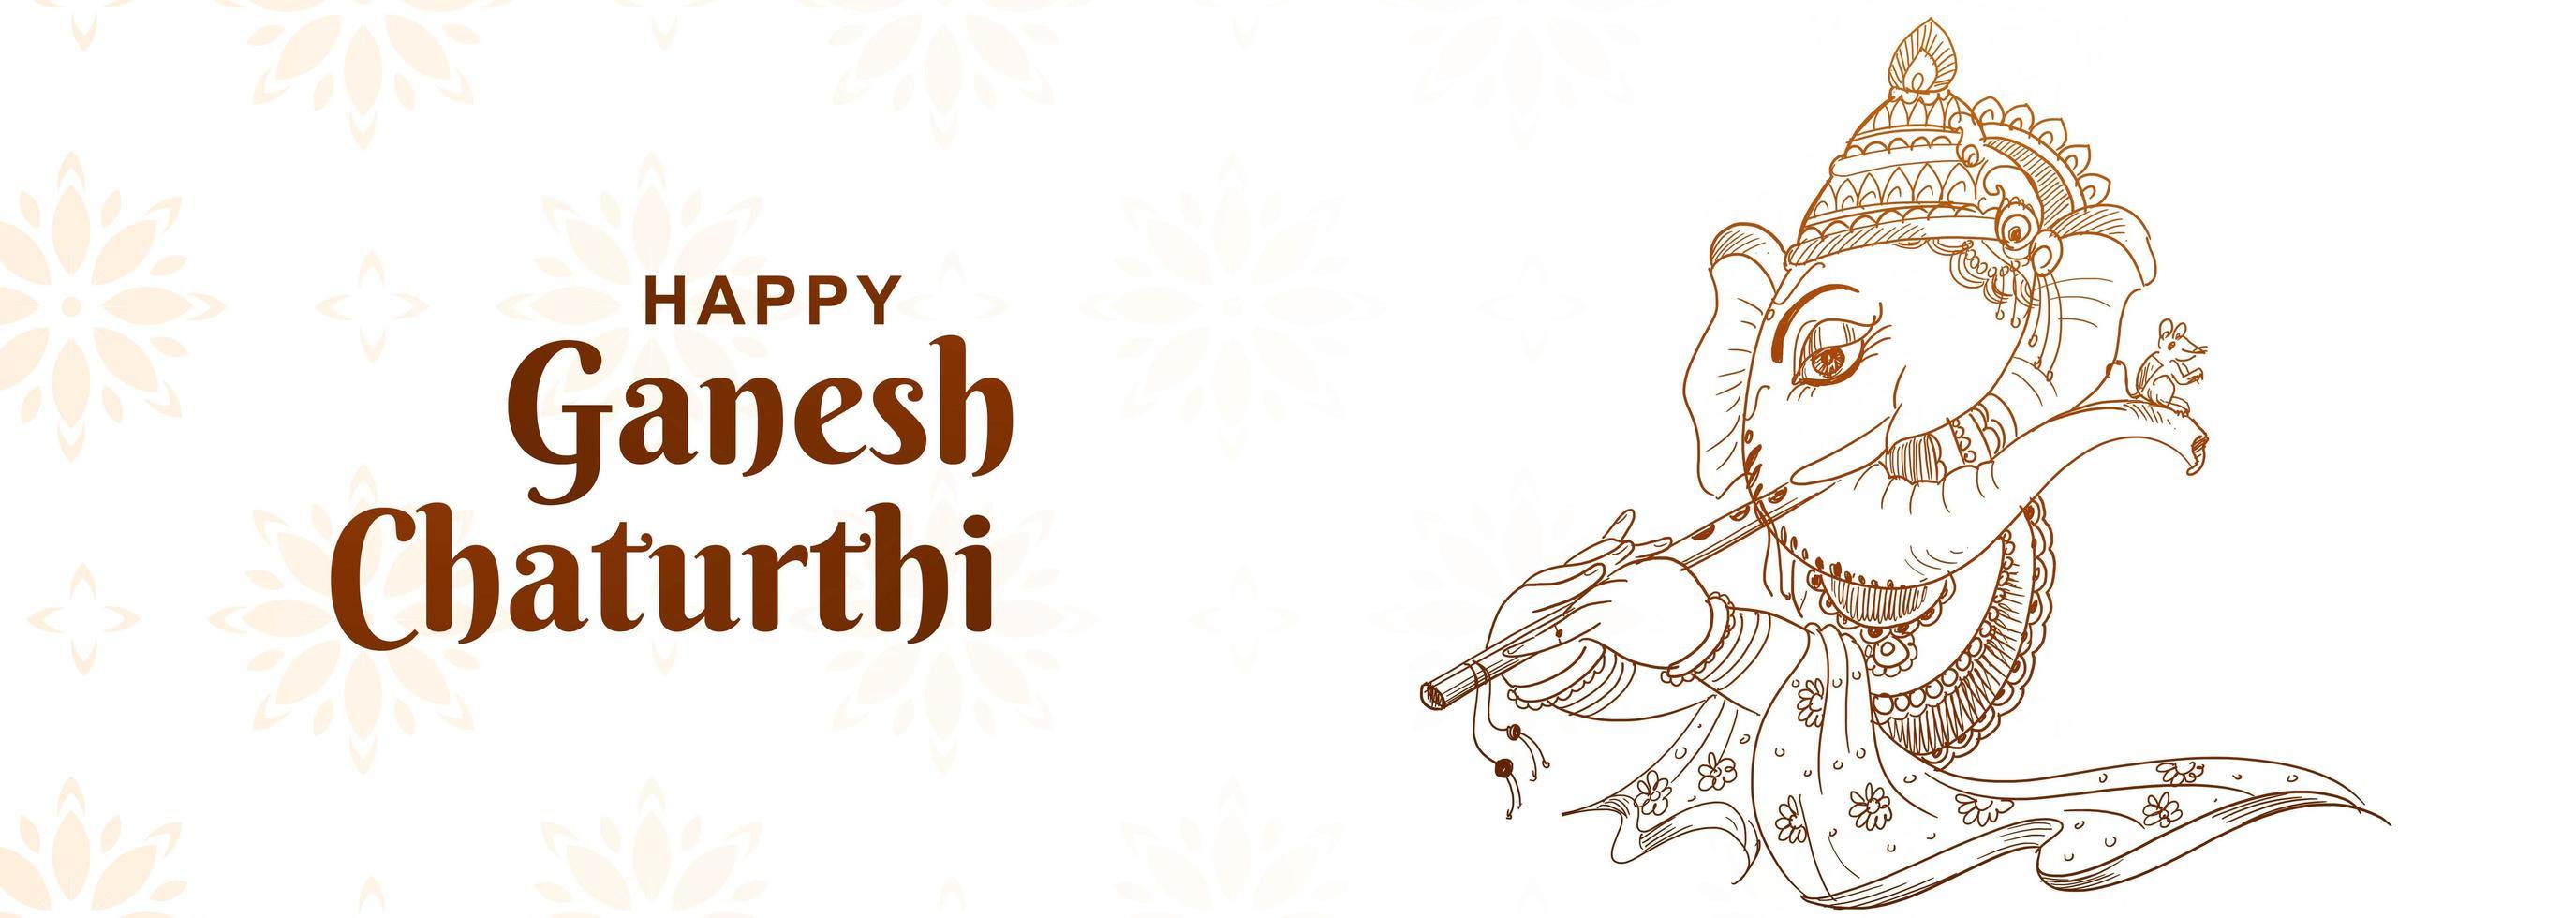 schets artistieke ganesh chaturthi festival banner vector